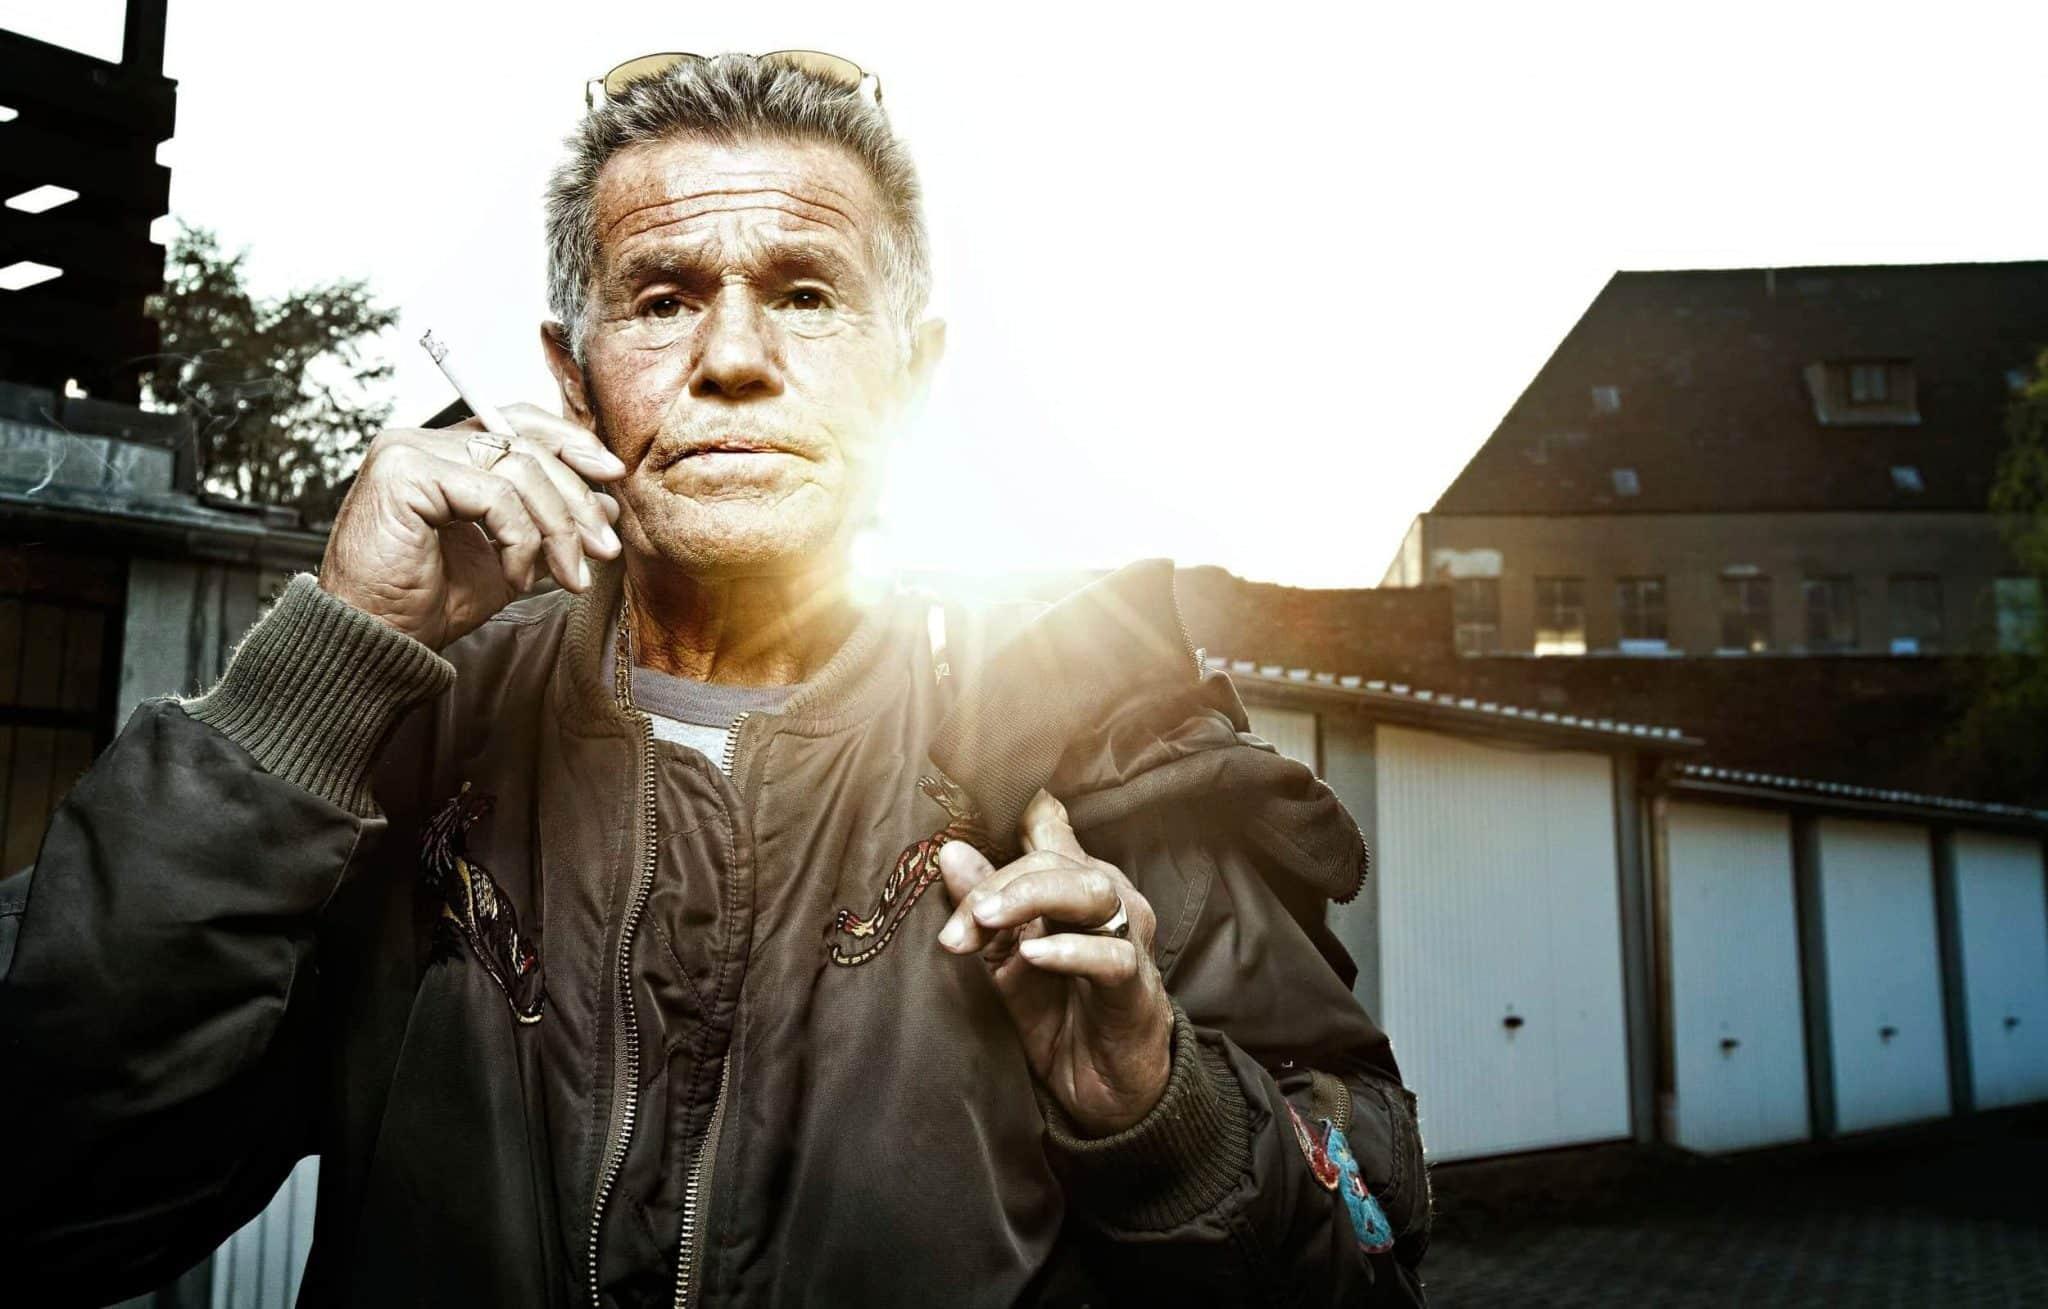 Fotograf Holger Altgeld Köln, spezialisiert auf Storytelling, Porträt, Werbung und Reise-Tourismus